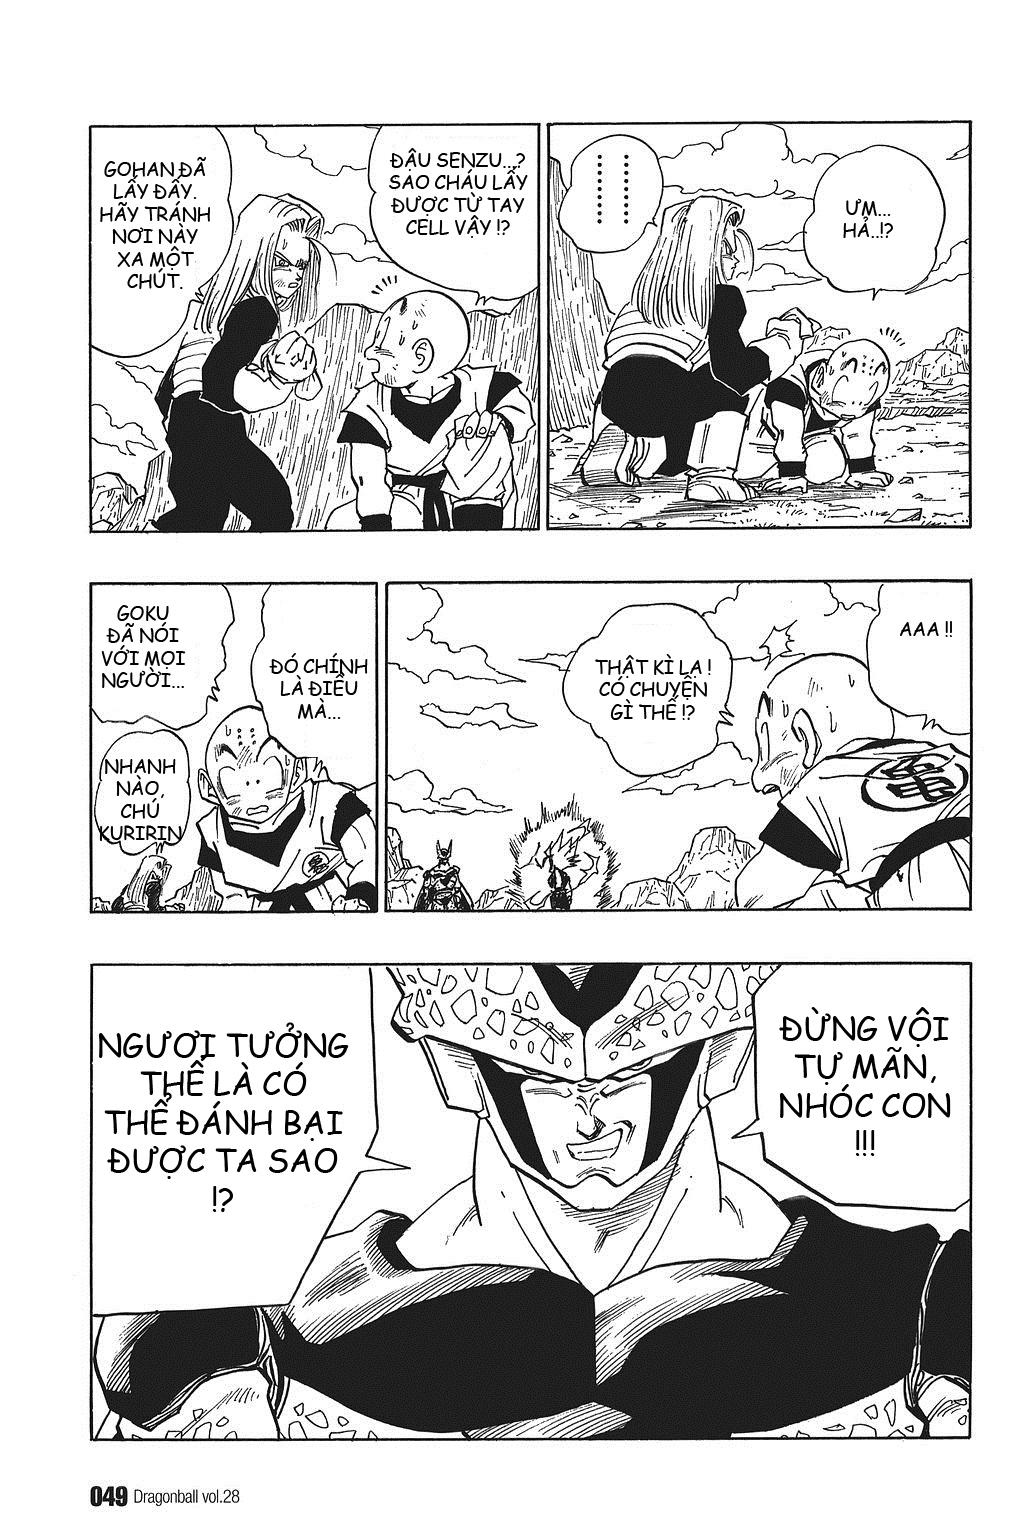 xem truyen moi - Dragon Ball Bản Vip - Bản Đẹp Nguyên Gốc Chap 409